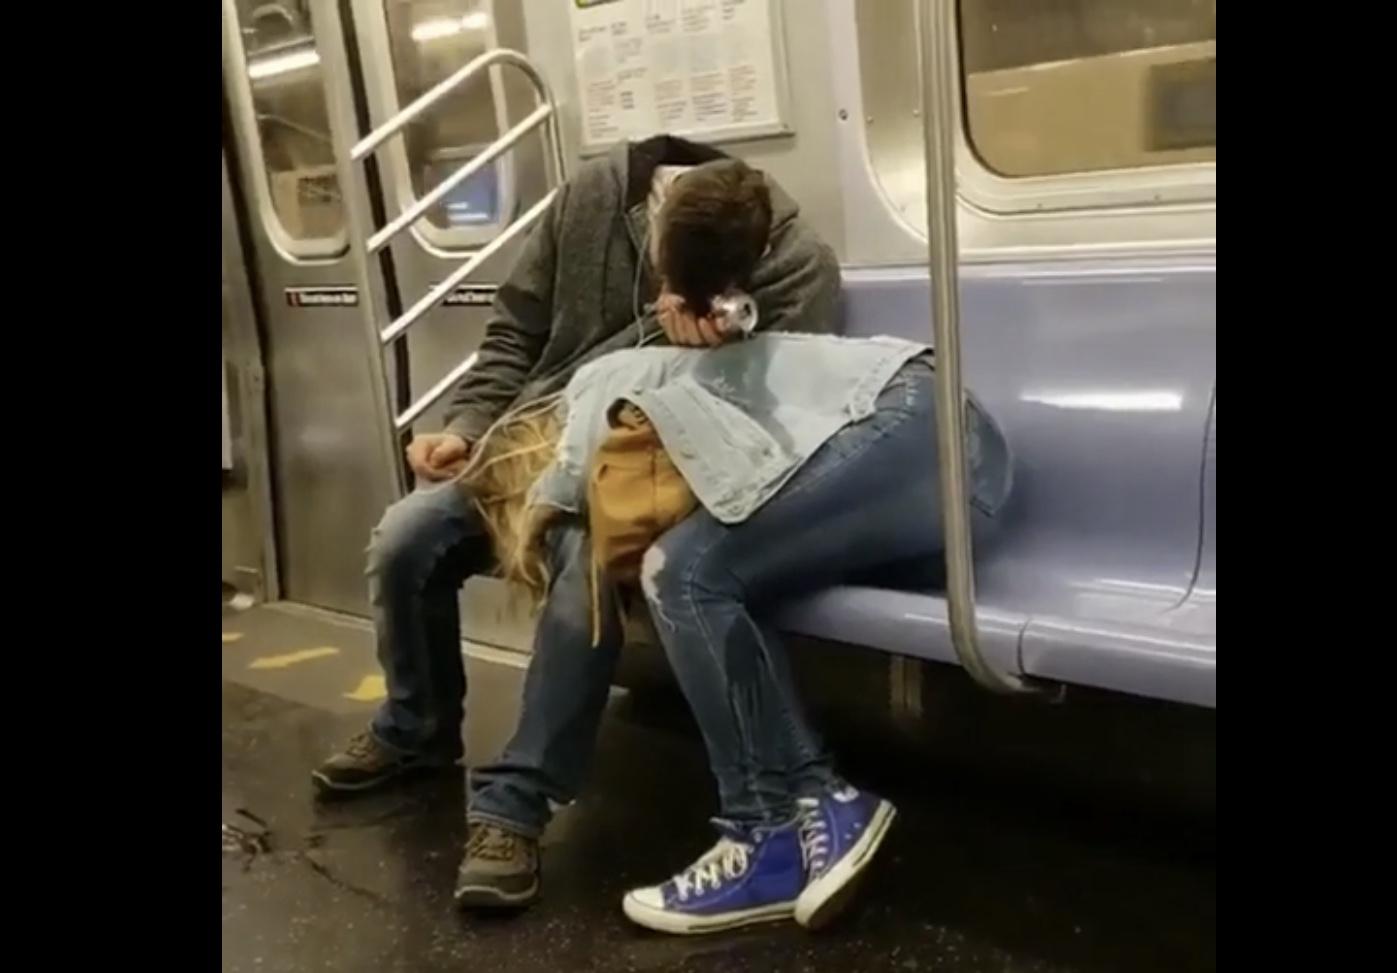 """""""Як романтично"""". У метро зняли сплячого хлопця, який розливає пиво на свою дівчину (ВІДЕО)"""